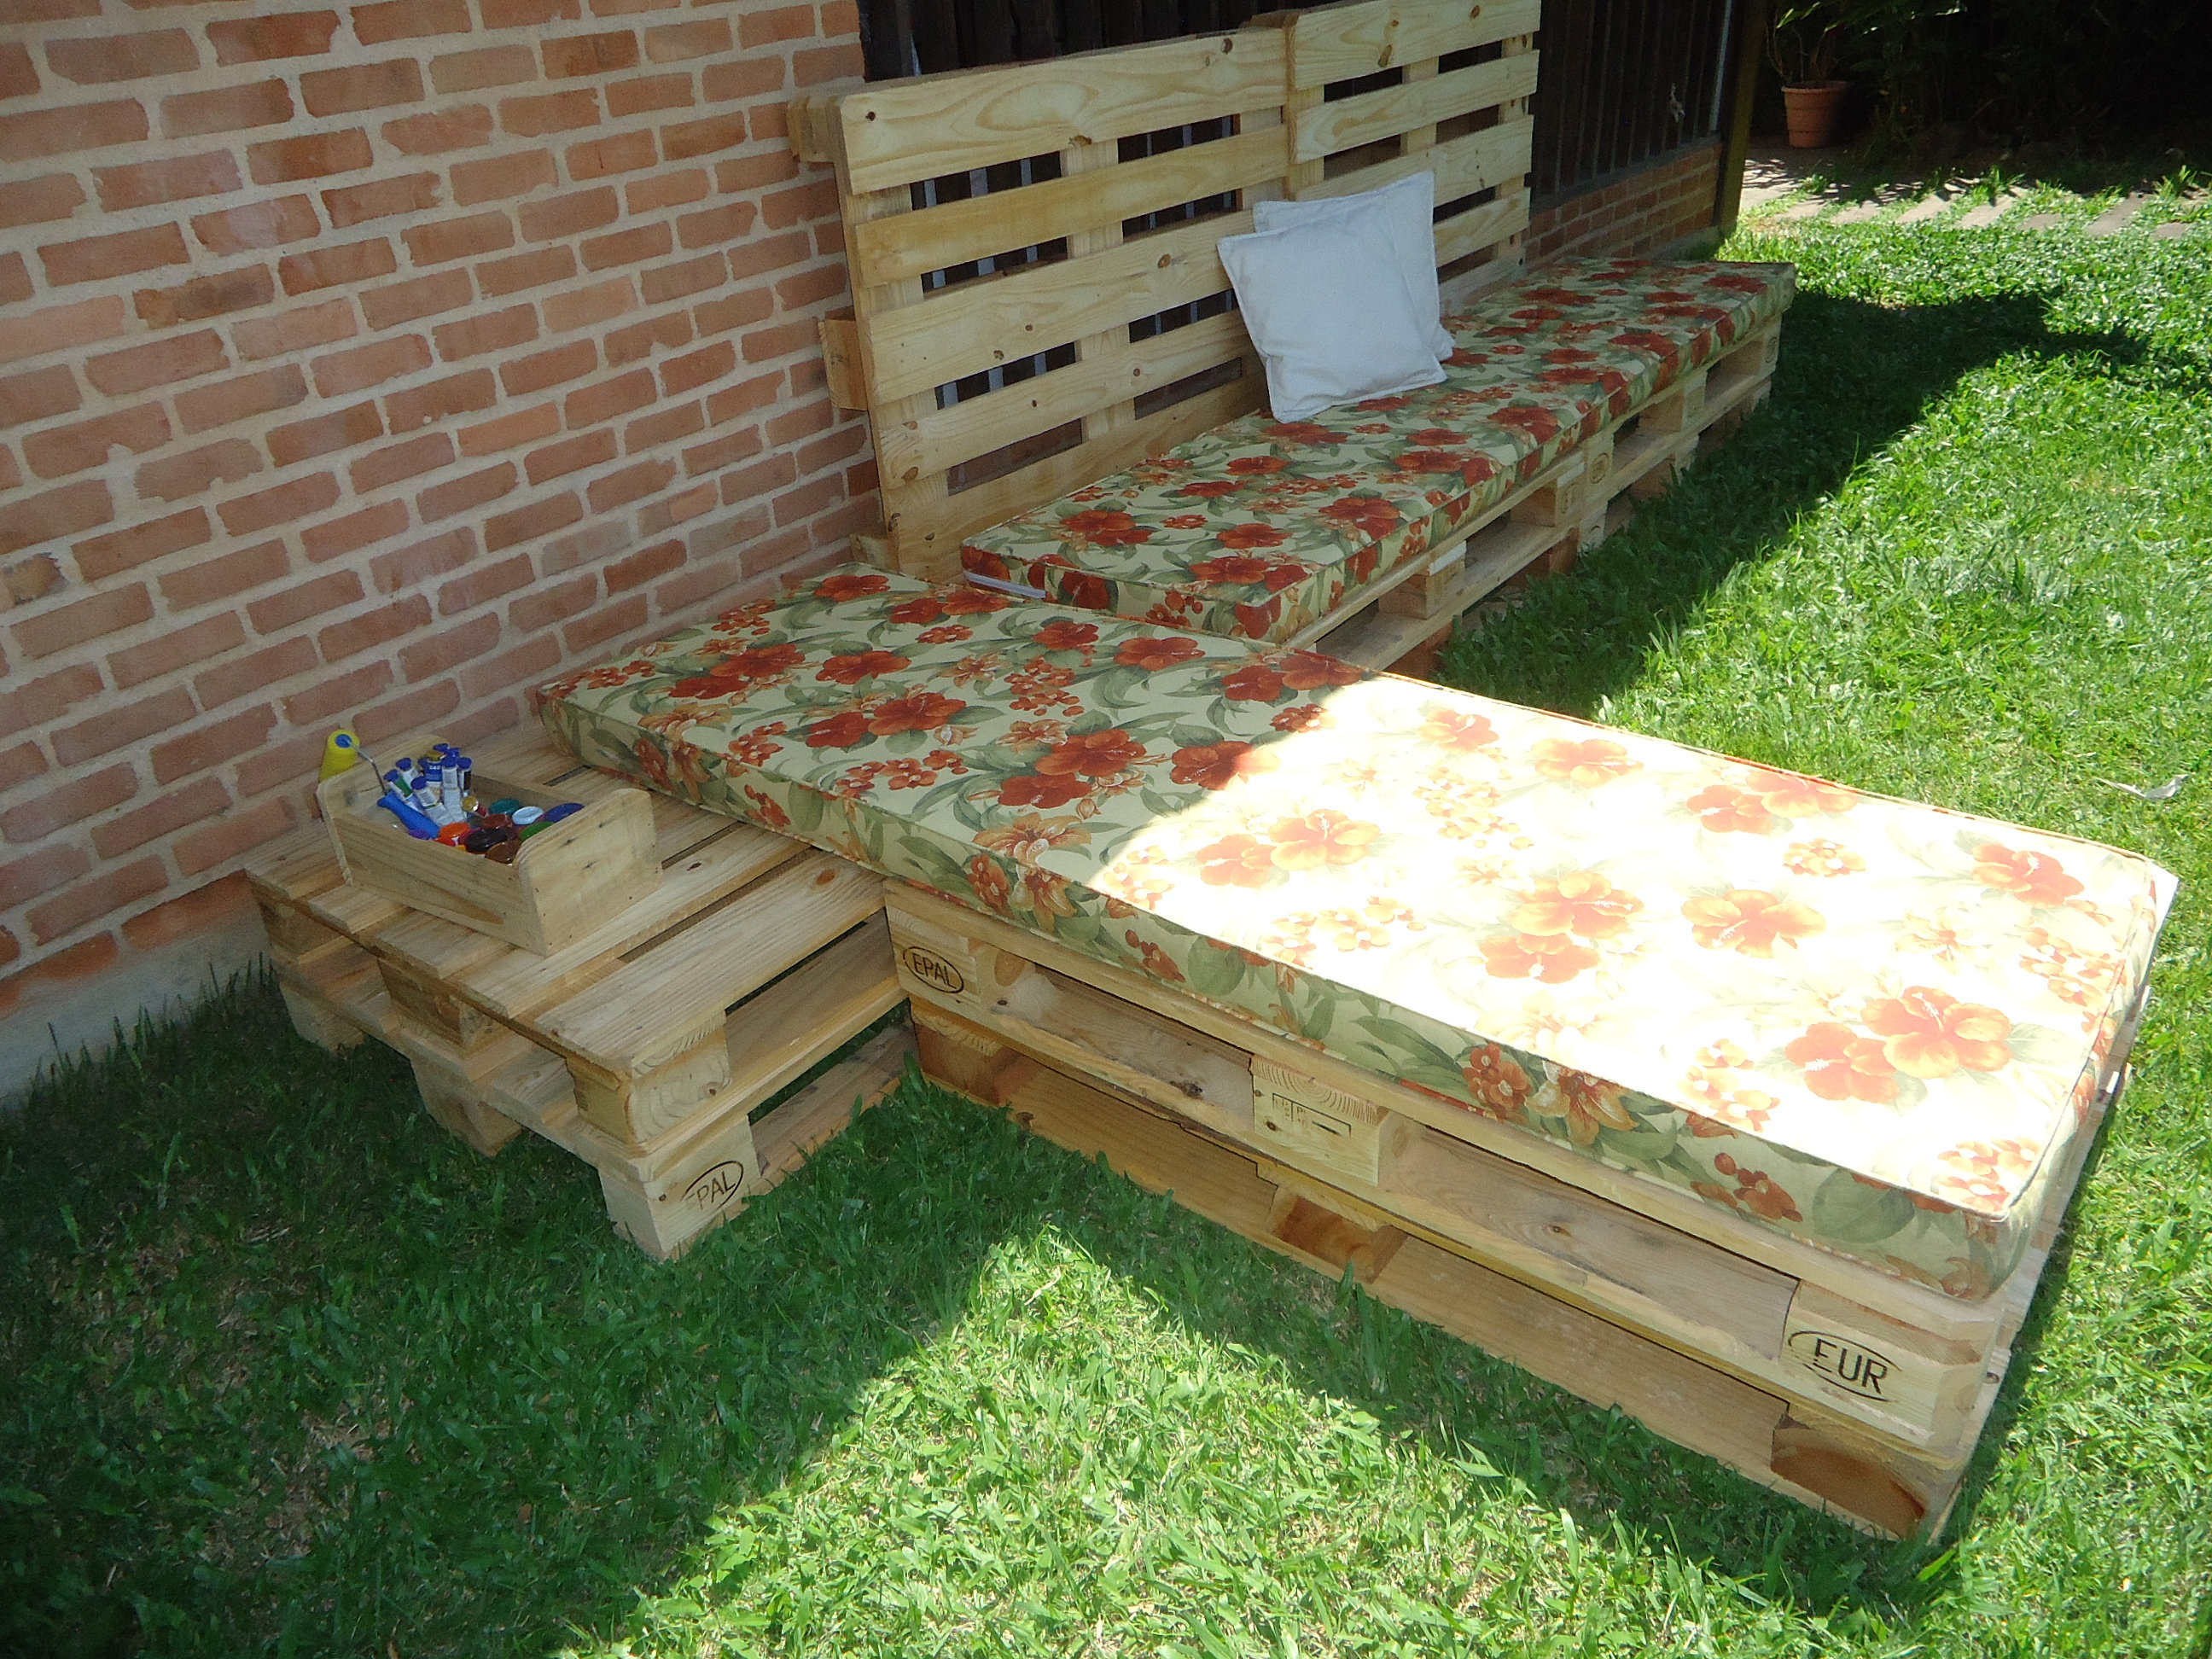 sofá de palete paletes pallet pallets.JPG #B79514 2592x1944